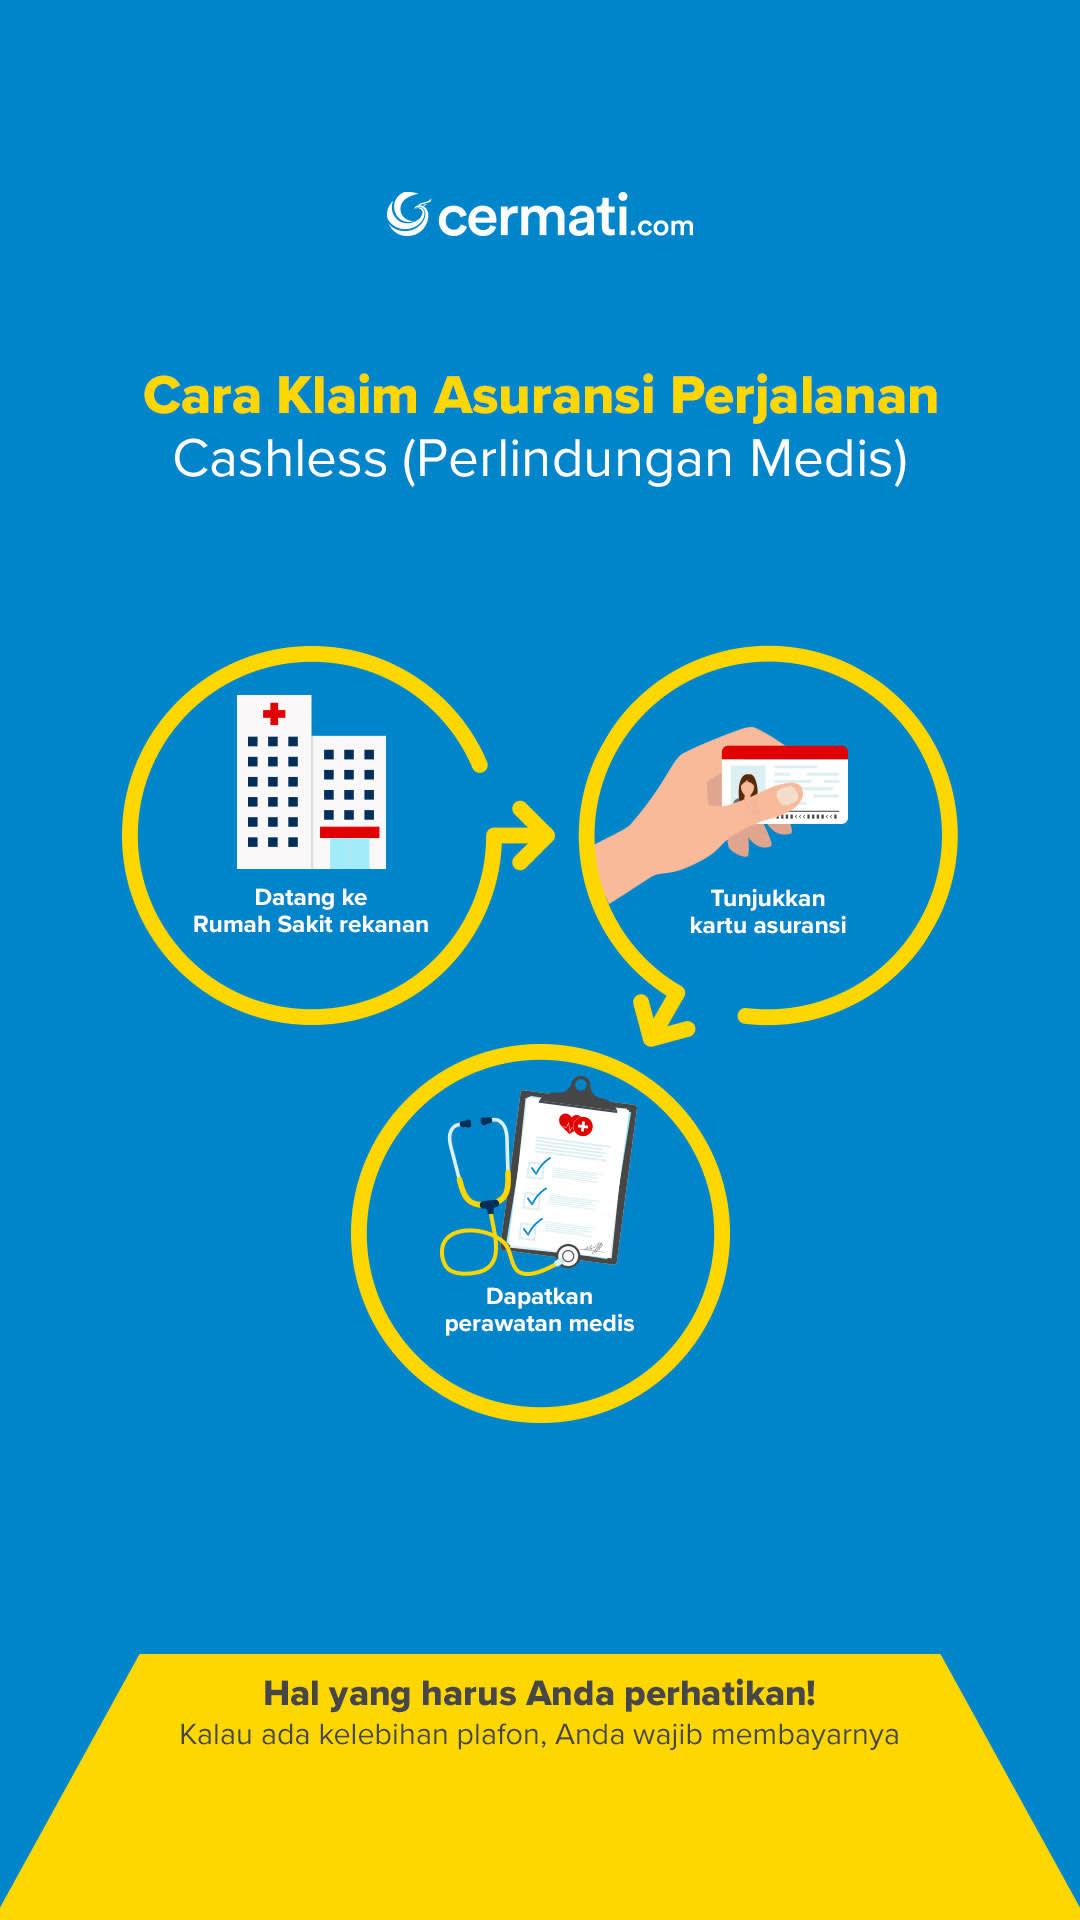 Cara Klaim Asuransi Perjalanan (Cashless)-Mobile